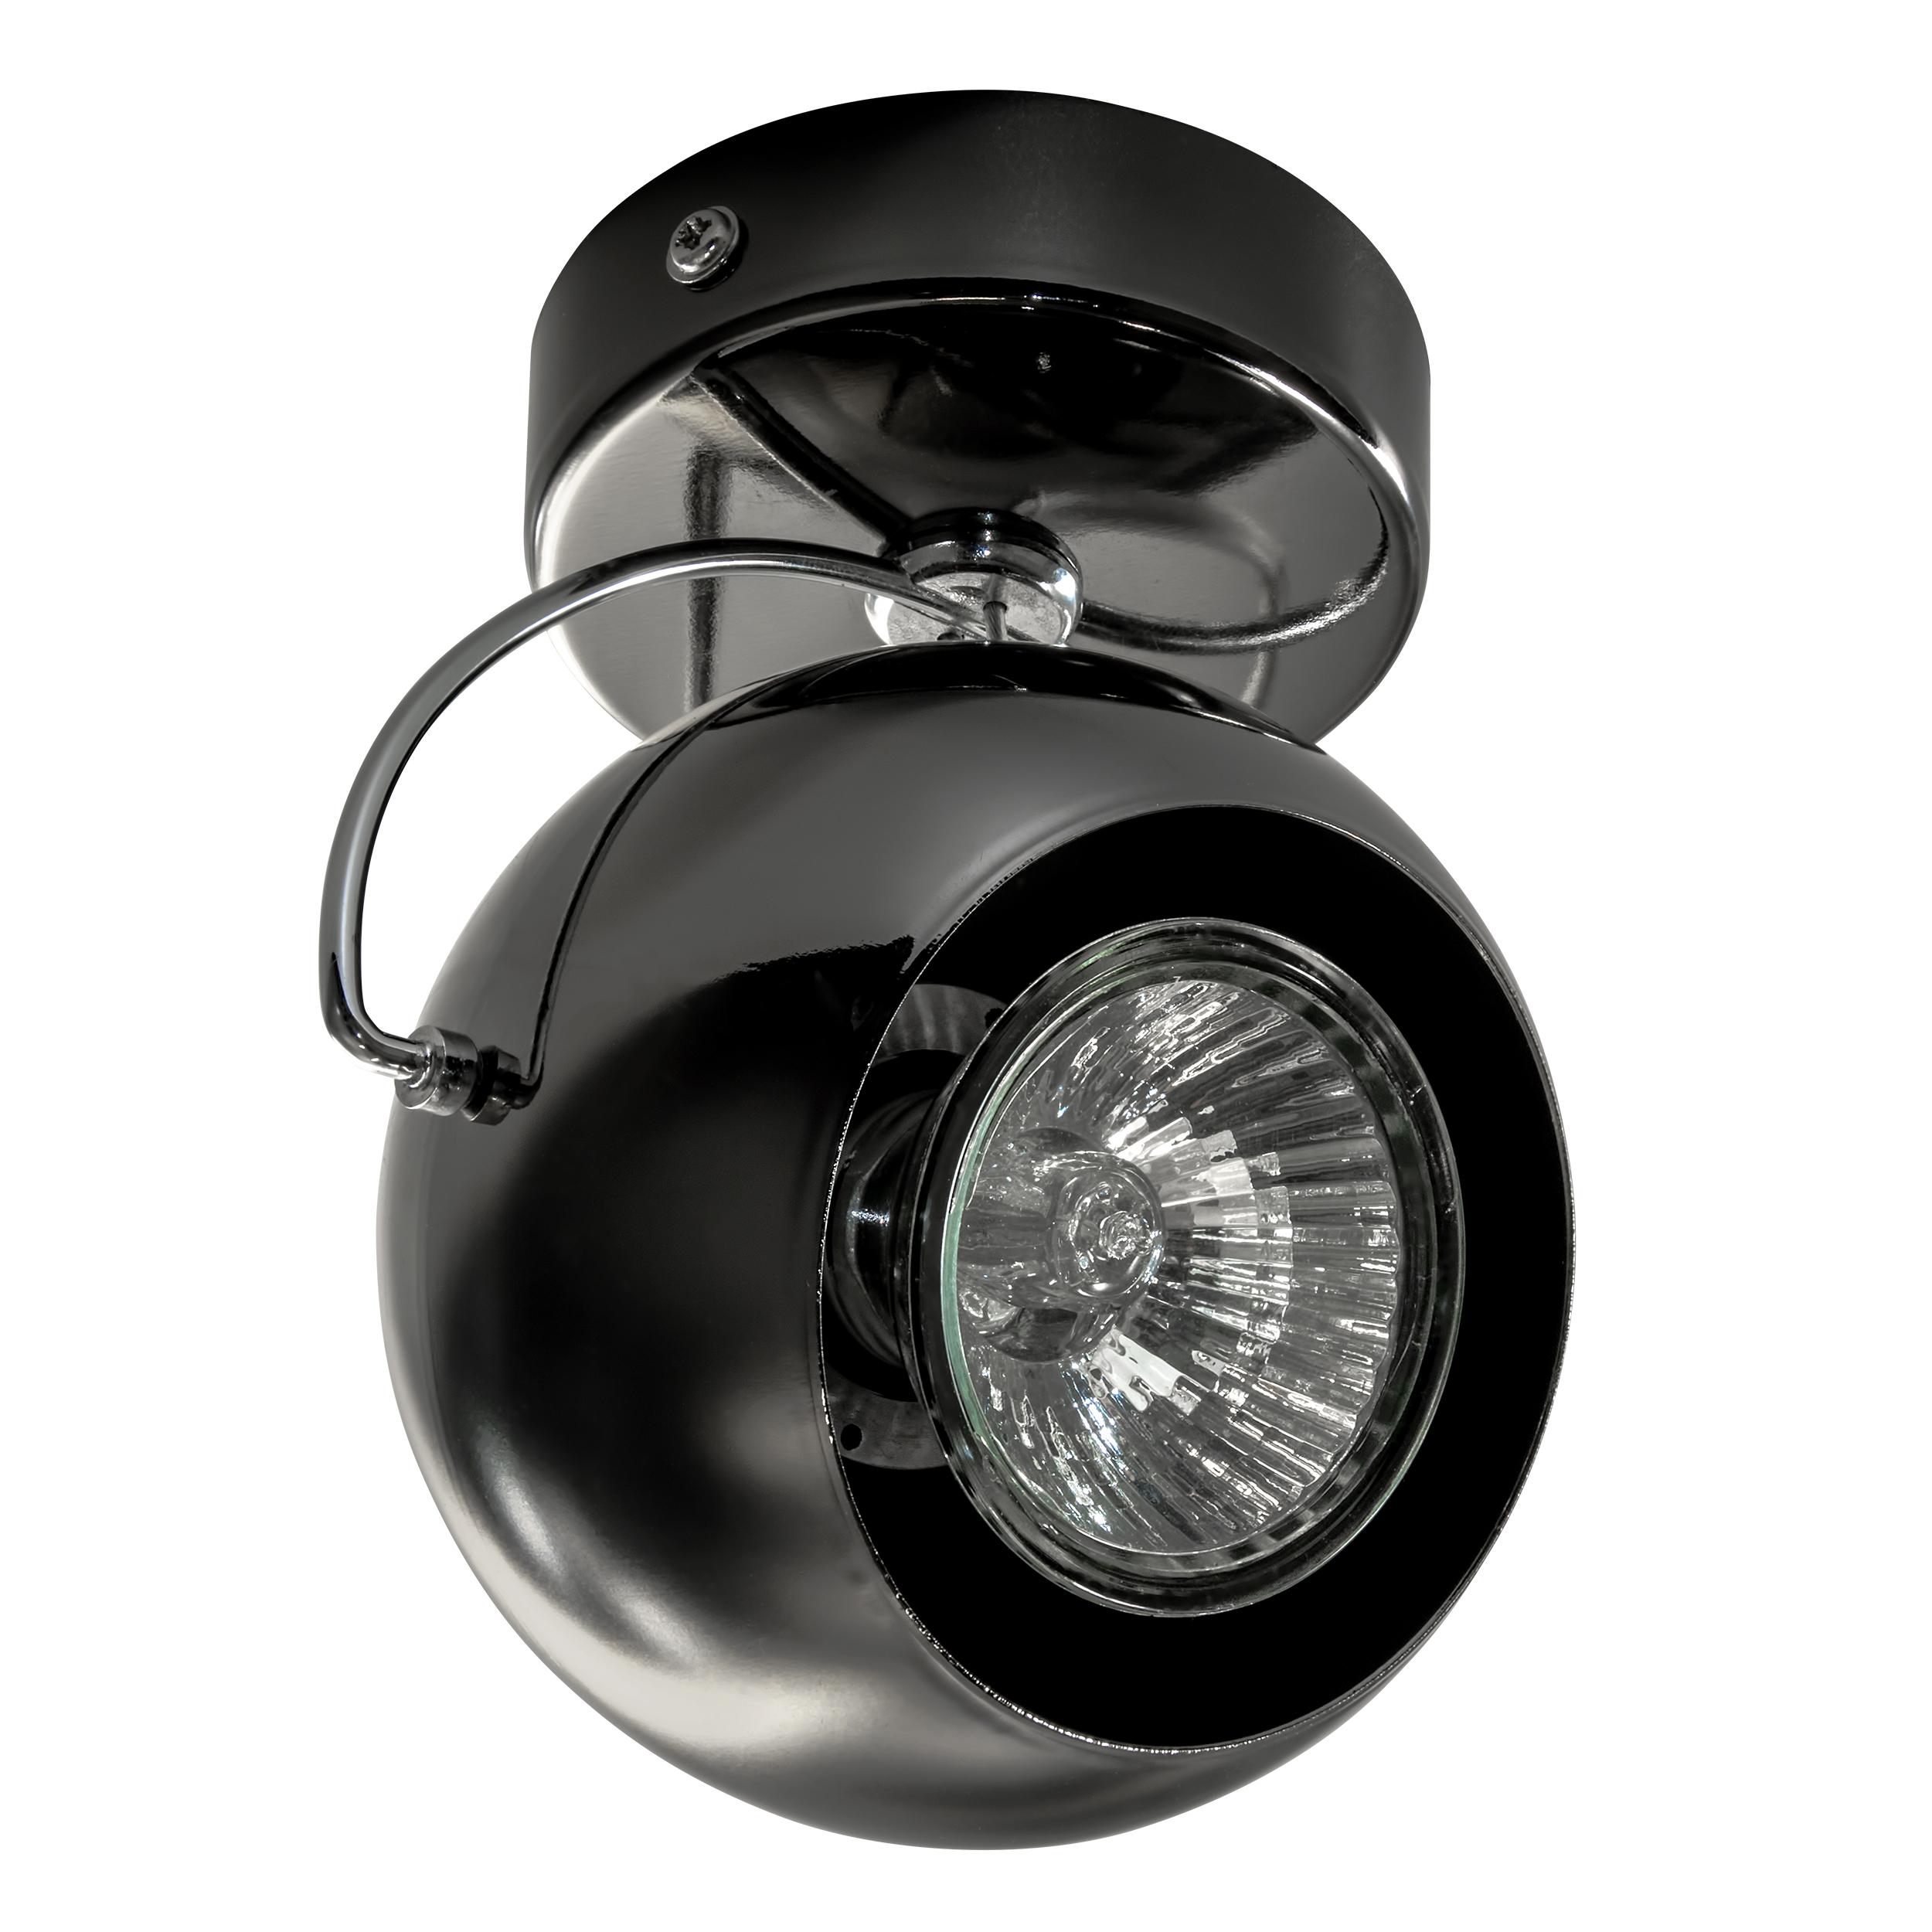 Потолочный светильник с регулировкой направления света Lightstar Fabi 110588, 1xGU10x50W, черный, металл - фото 1